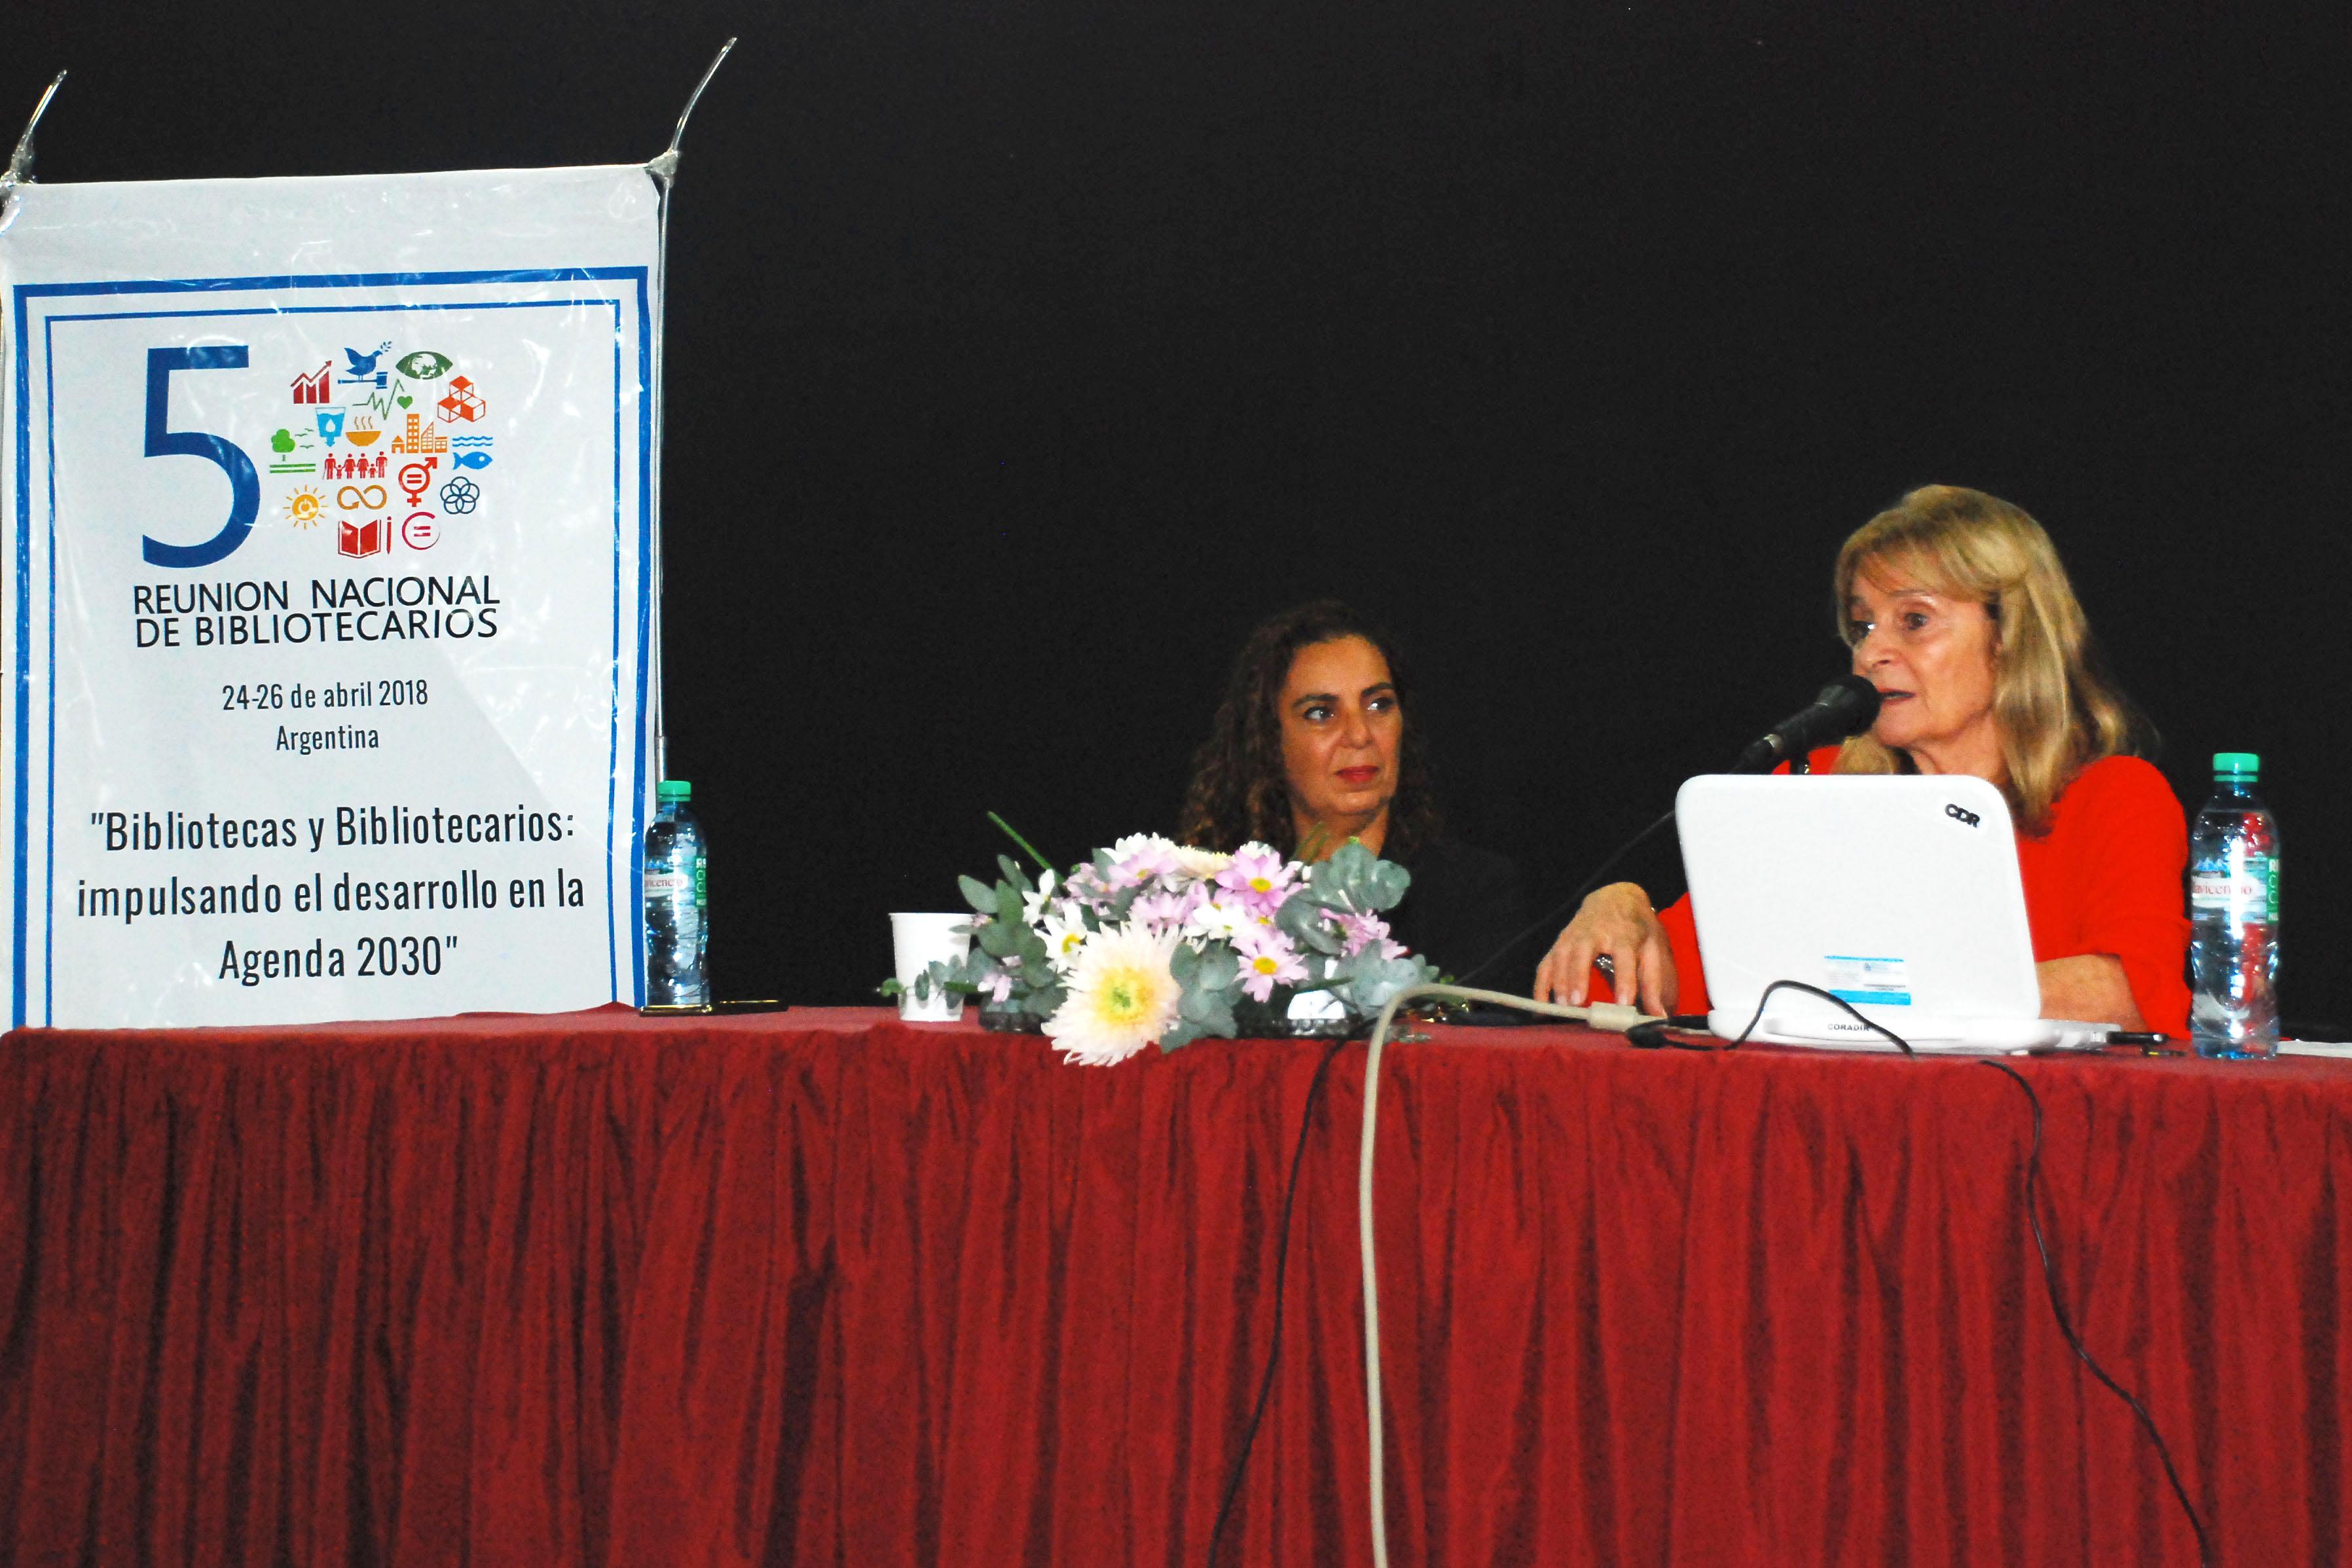 Carolina Scondras y Graciela Perrone